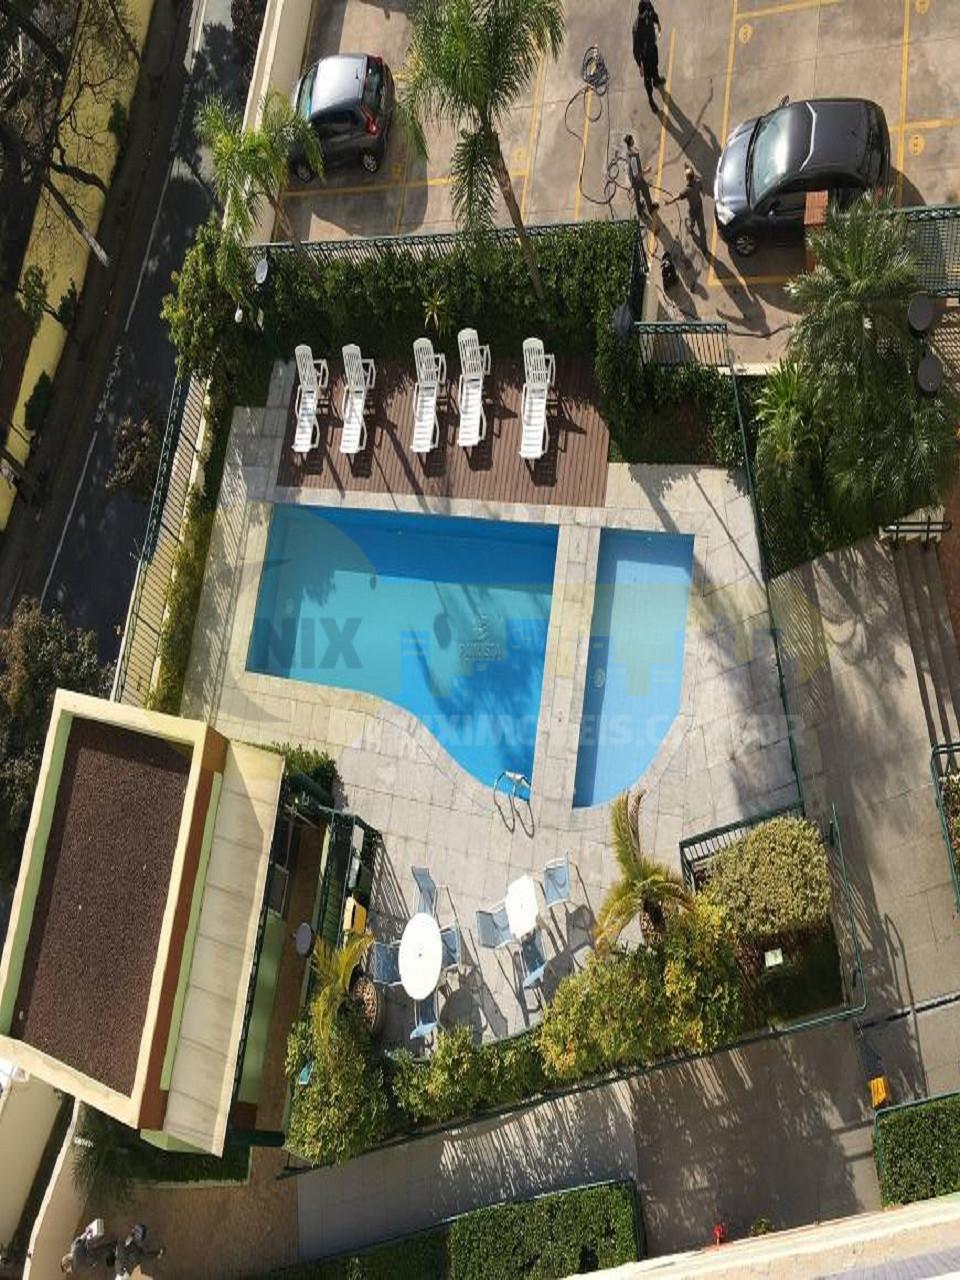 Aluga Apartamento Perto da USP Butanta Andar Alto 10 min Metrô. 3 quartos, 1 suíte, varanda. Piscina, academia, espaços sociais, portaria segurança 24h!